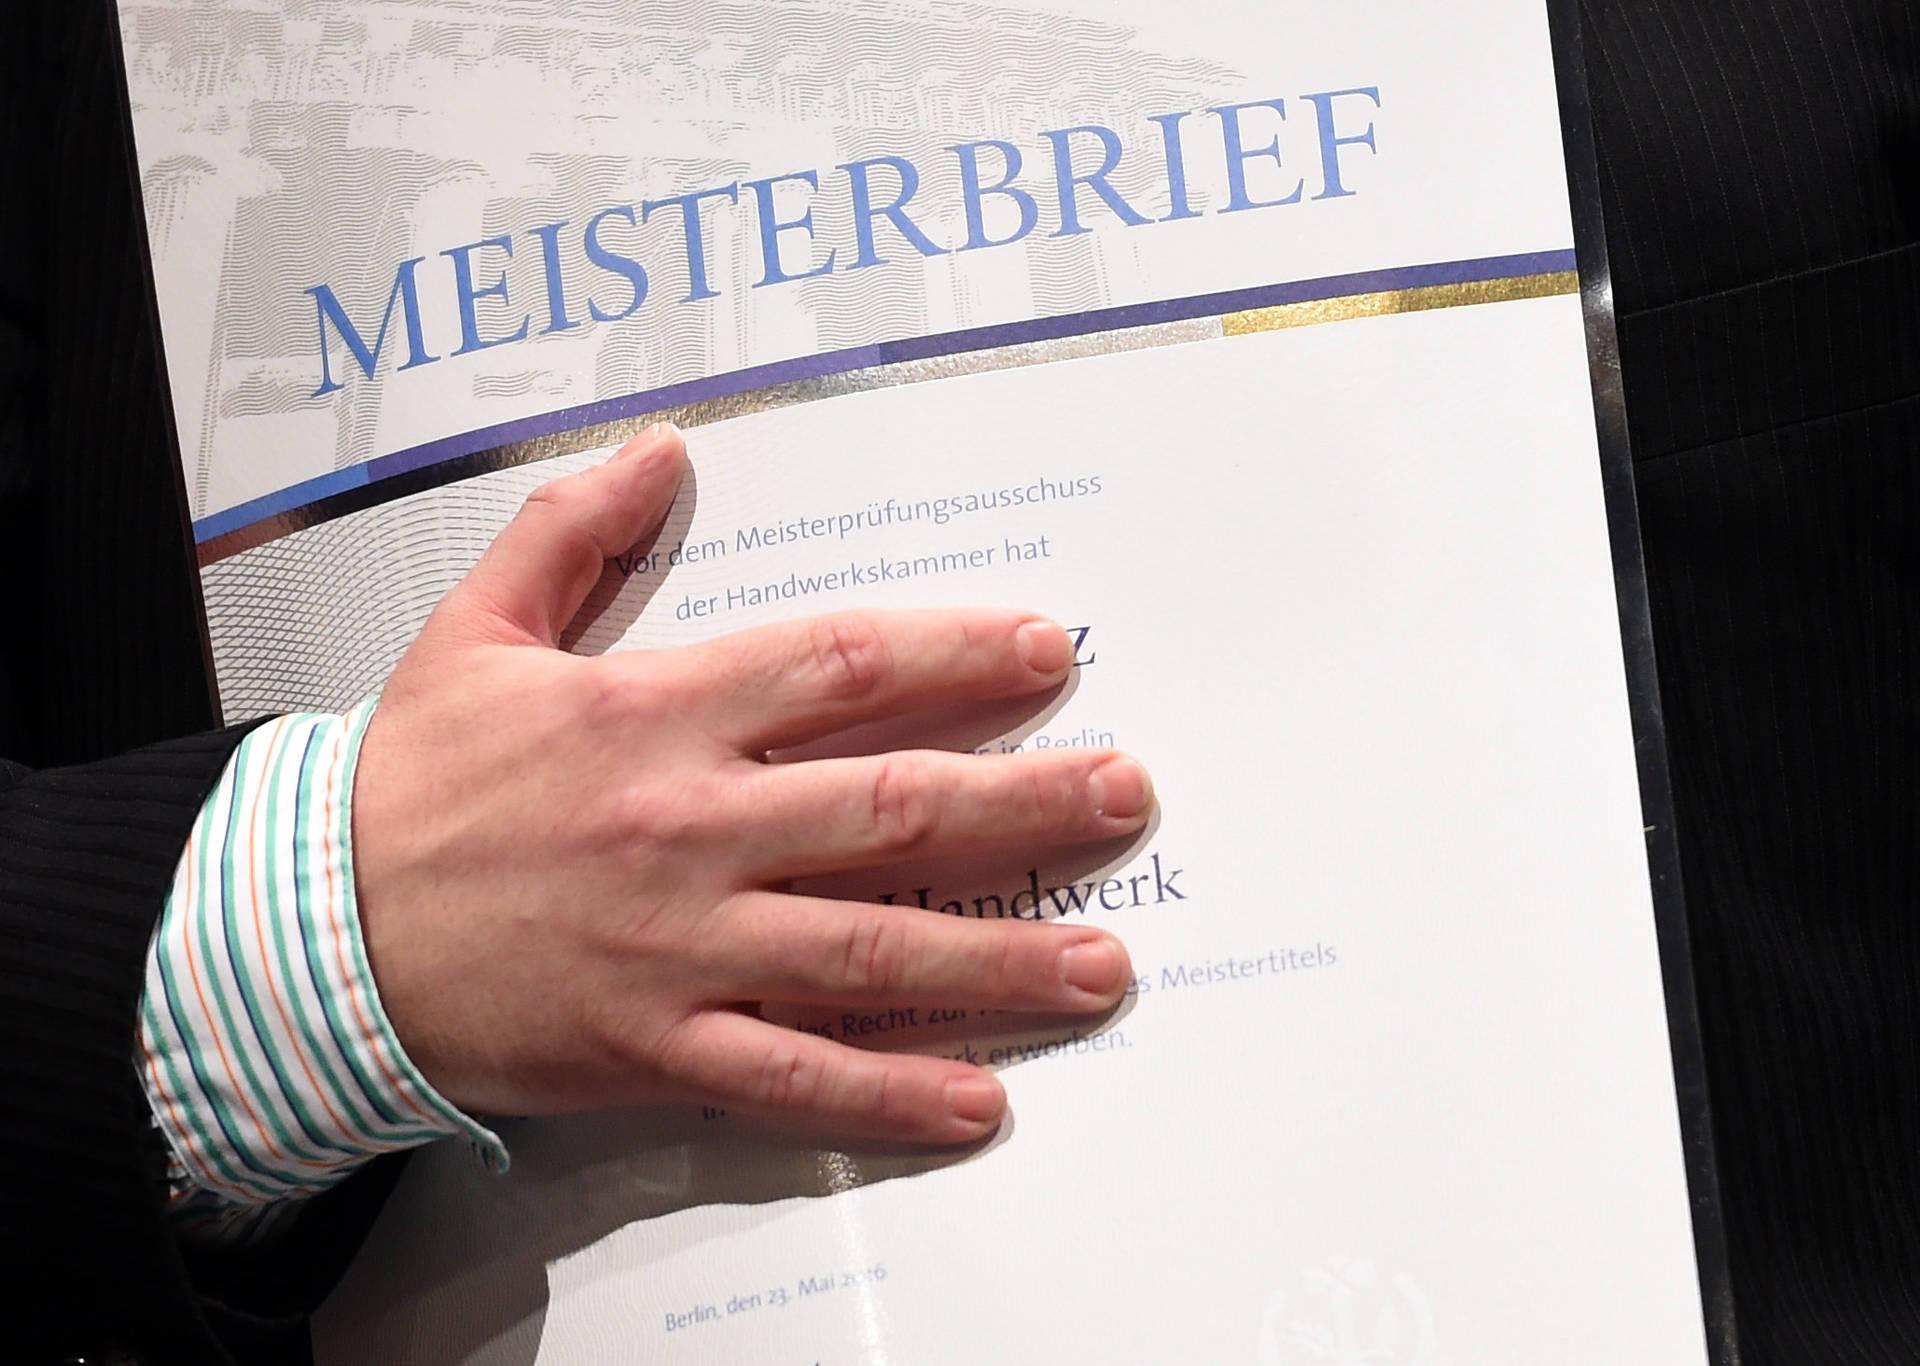 Wollseifer: Der Meisterbrief ist das identitätsstiftende Fundament des deutschen Handwerks.